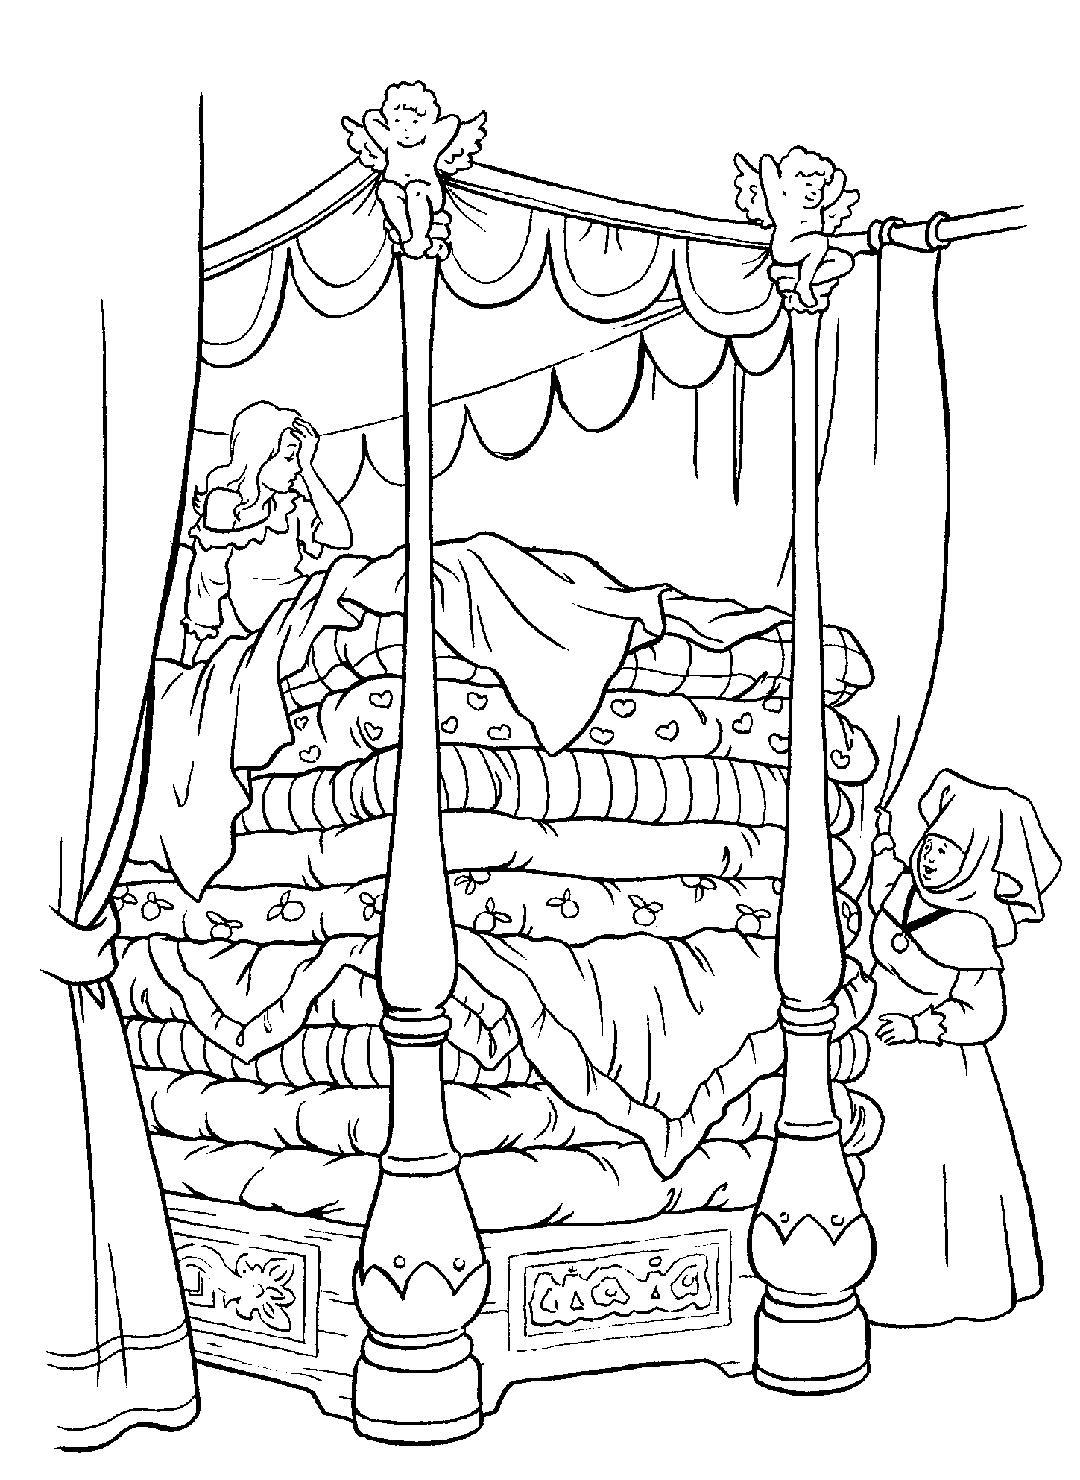 Malvorlagen Märchen Prinzessin Auf Der Erbse | My blog